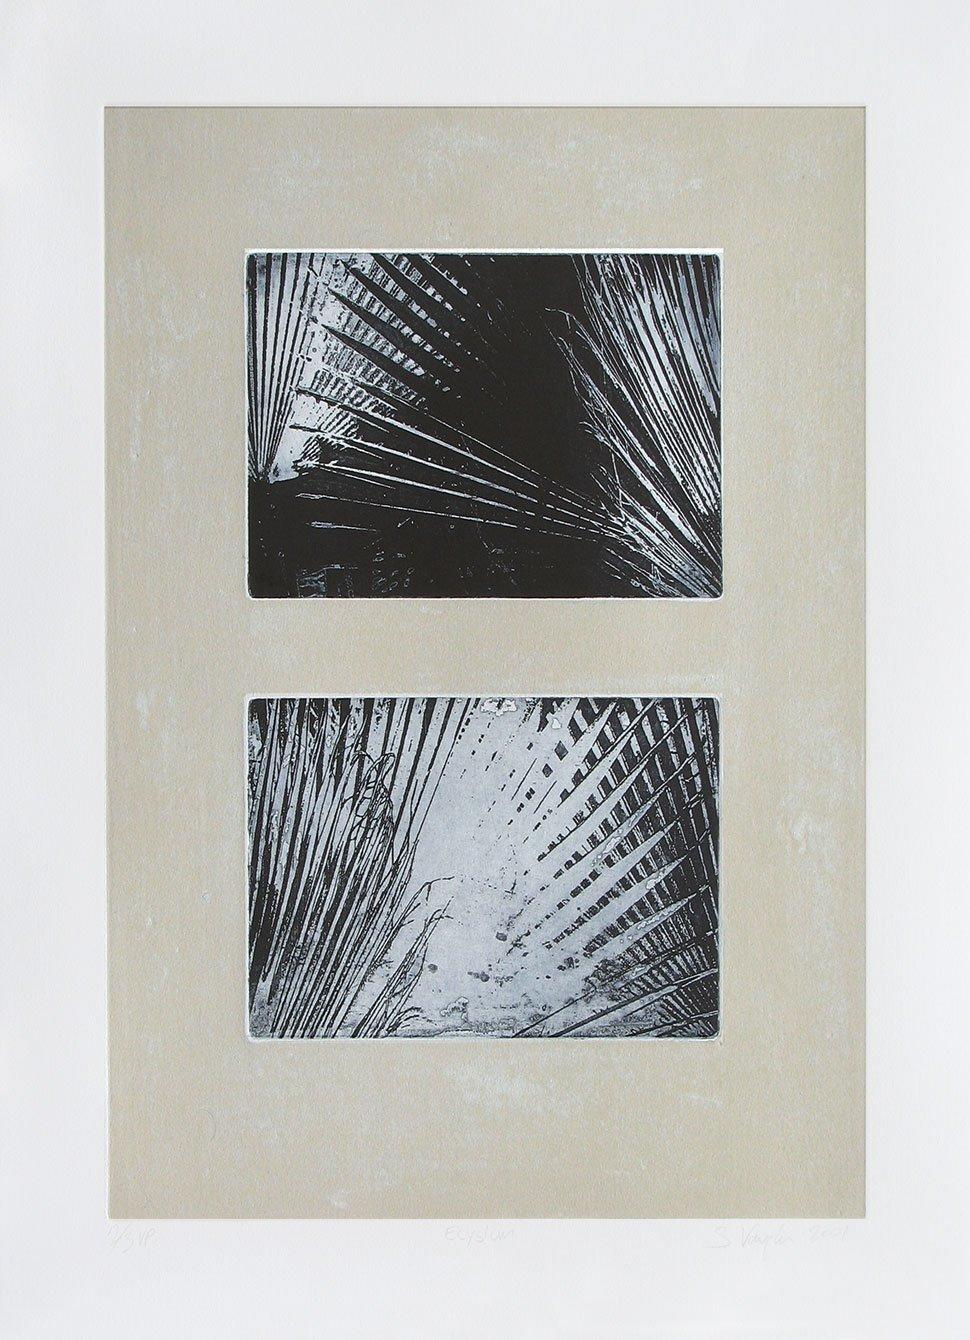 Elysium: fine art print by Stephen Vaughan